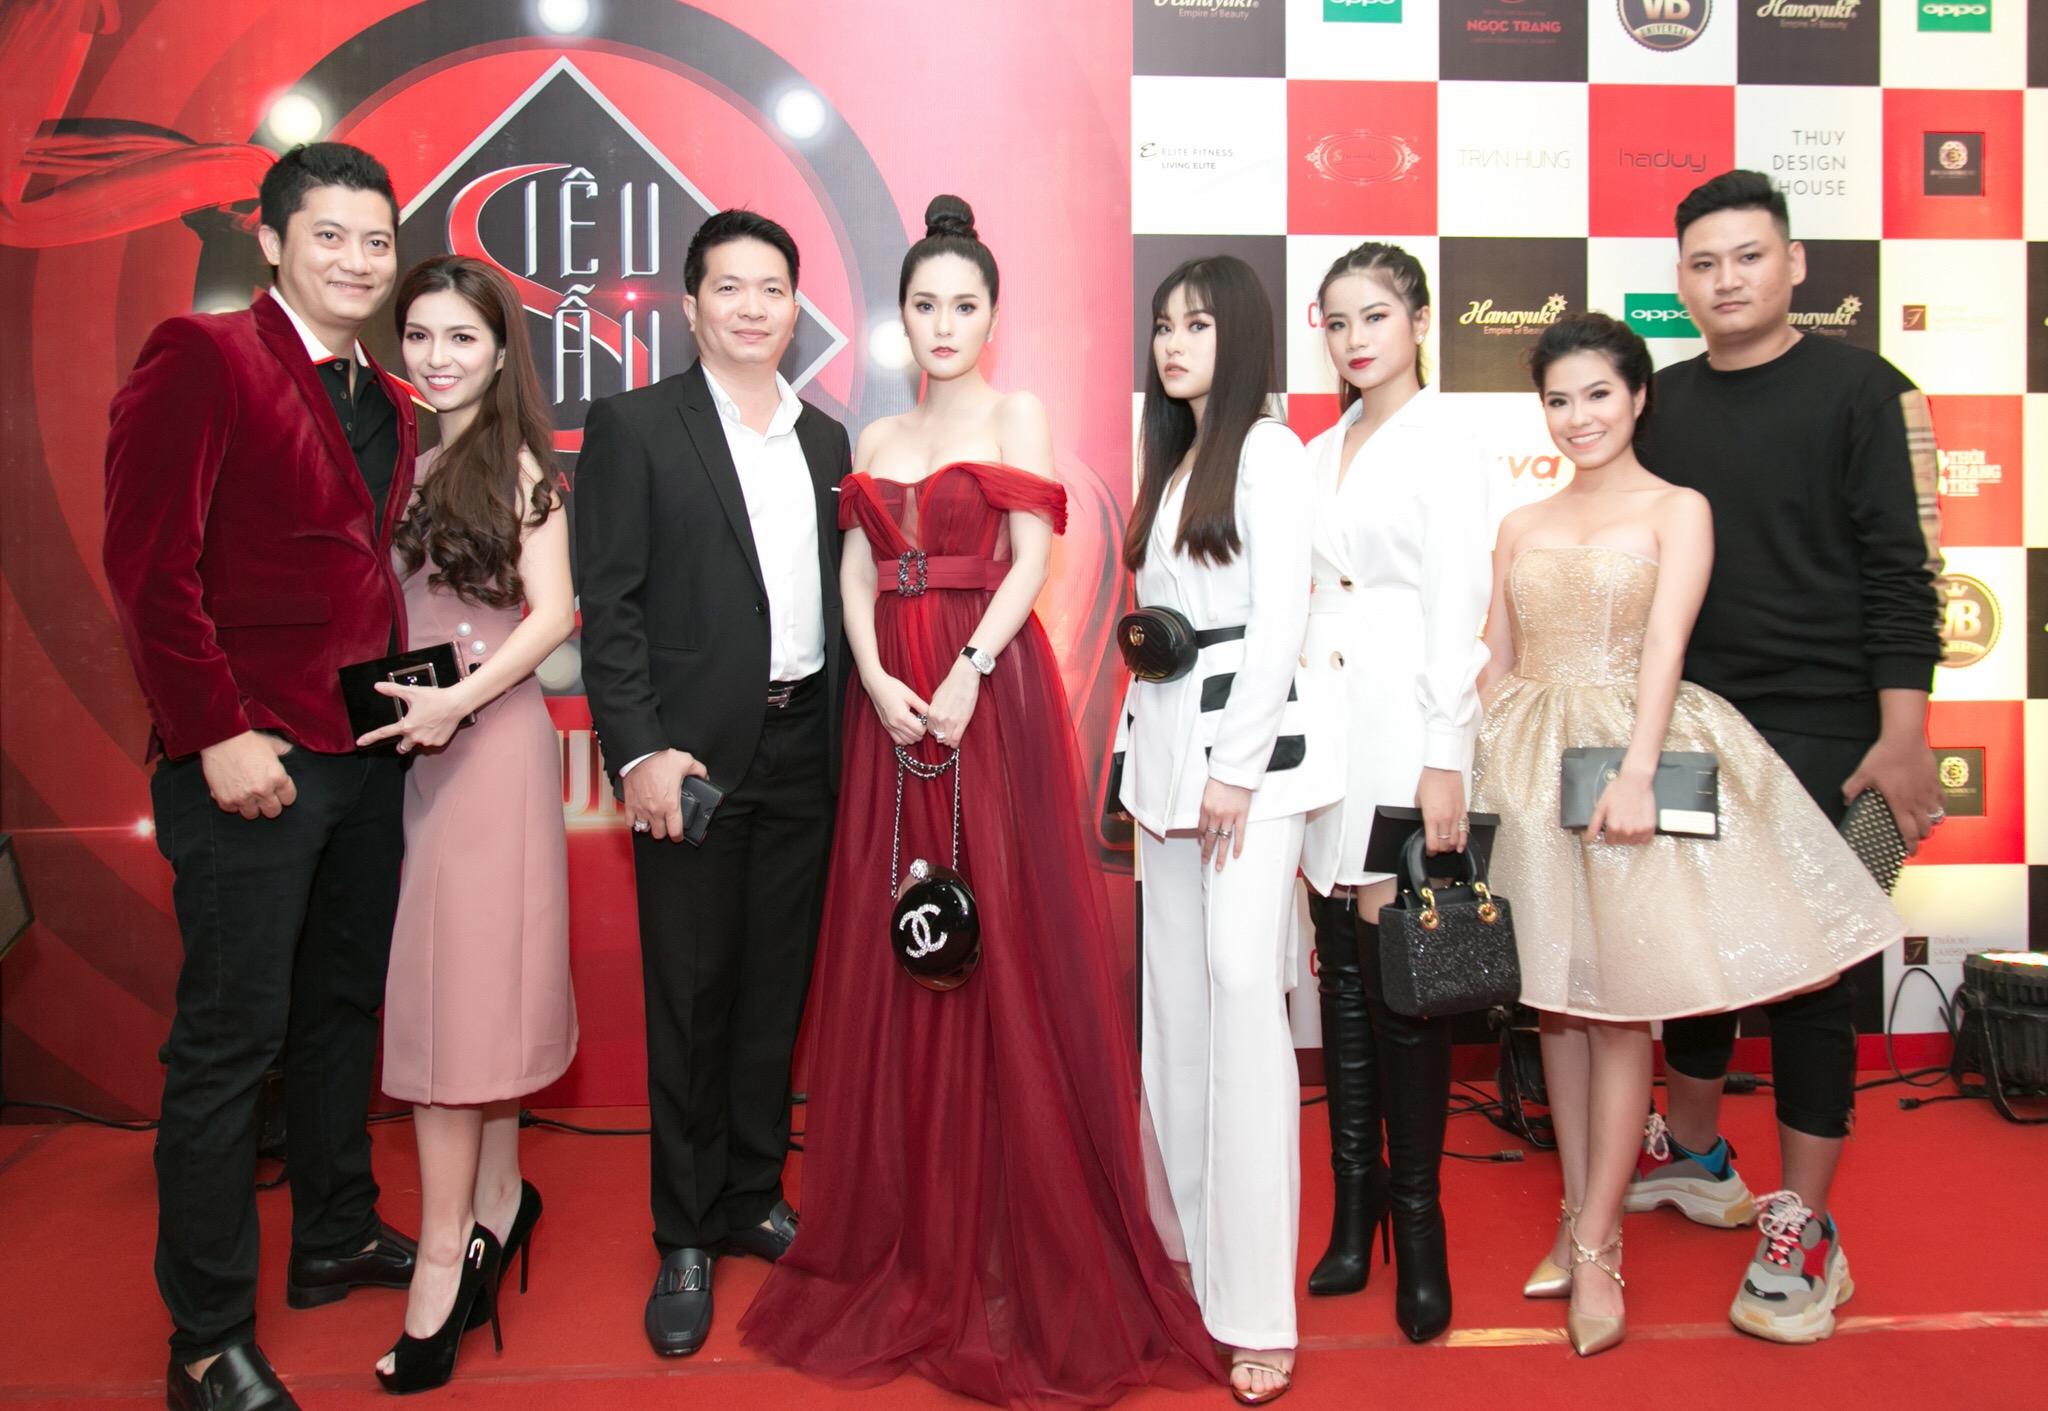 Di Băng tỏa sáng giữa dàn sao đêm chung kết Siêu Mẫu Việt 2018 - Ảnh 4.